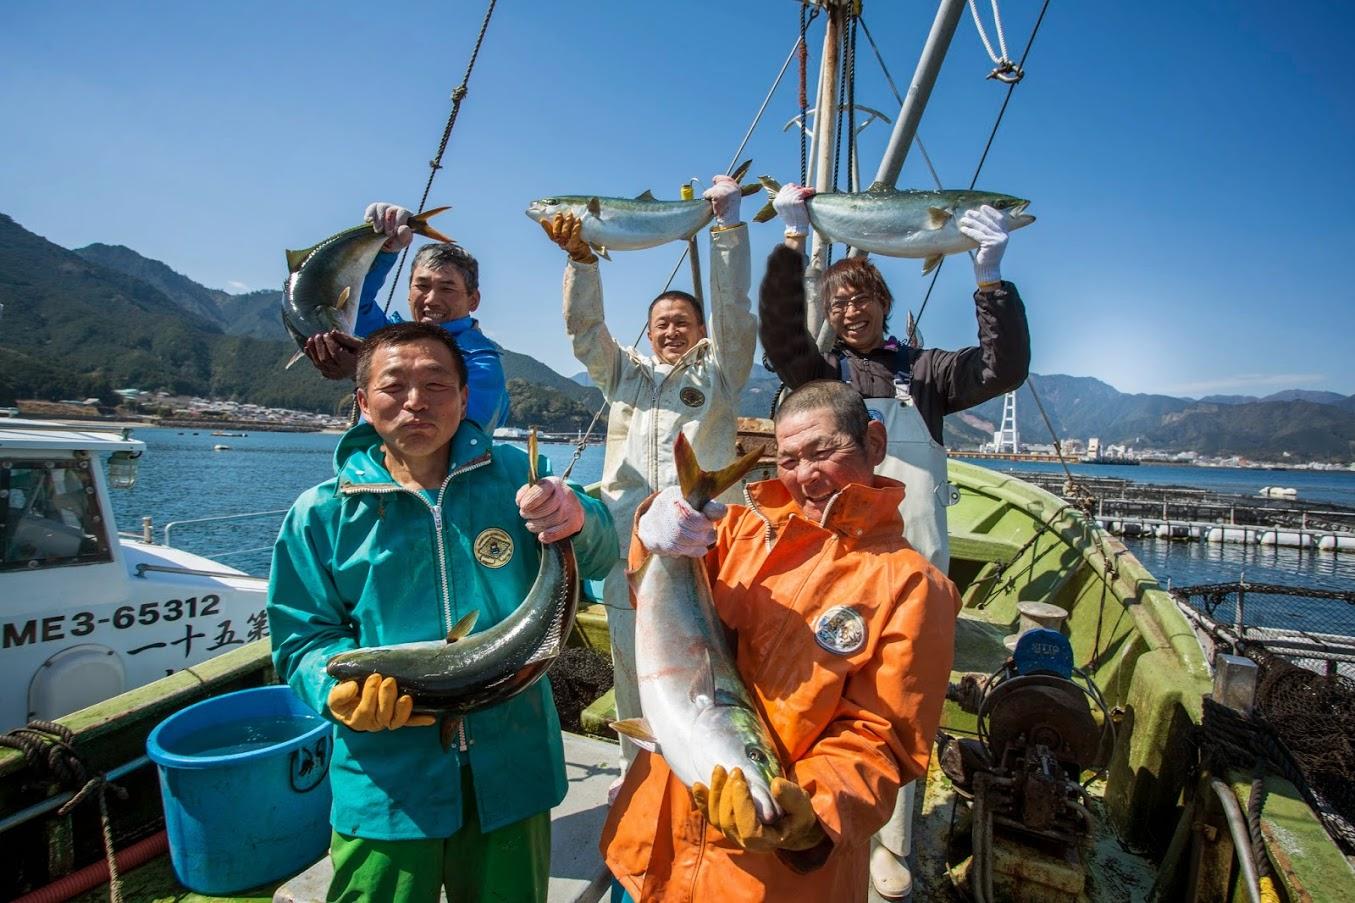 なぜいま漁業がアツいのか。海に囲まれた島国日本を支えてきた仕事に飛び込むよそ者たち。